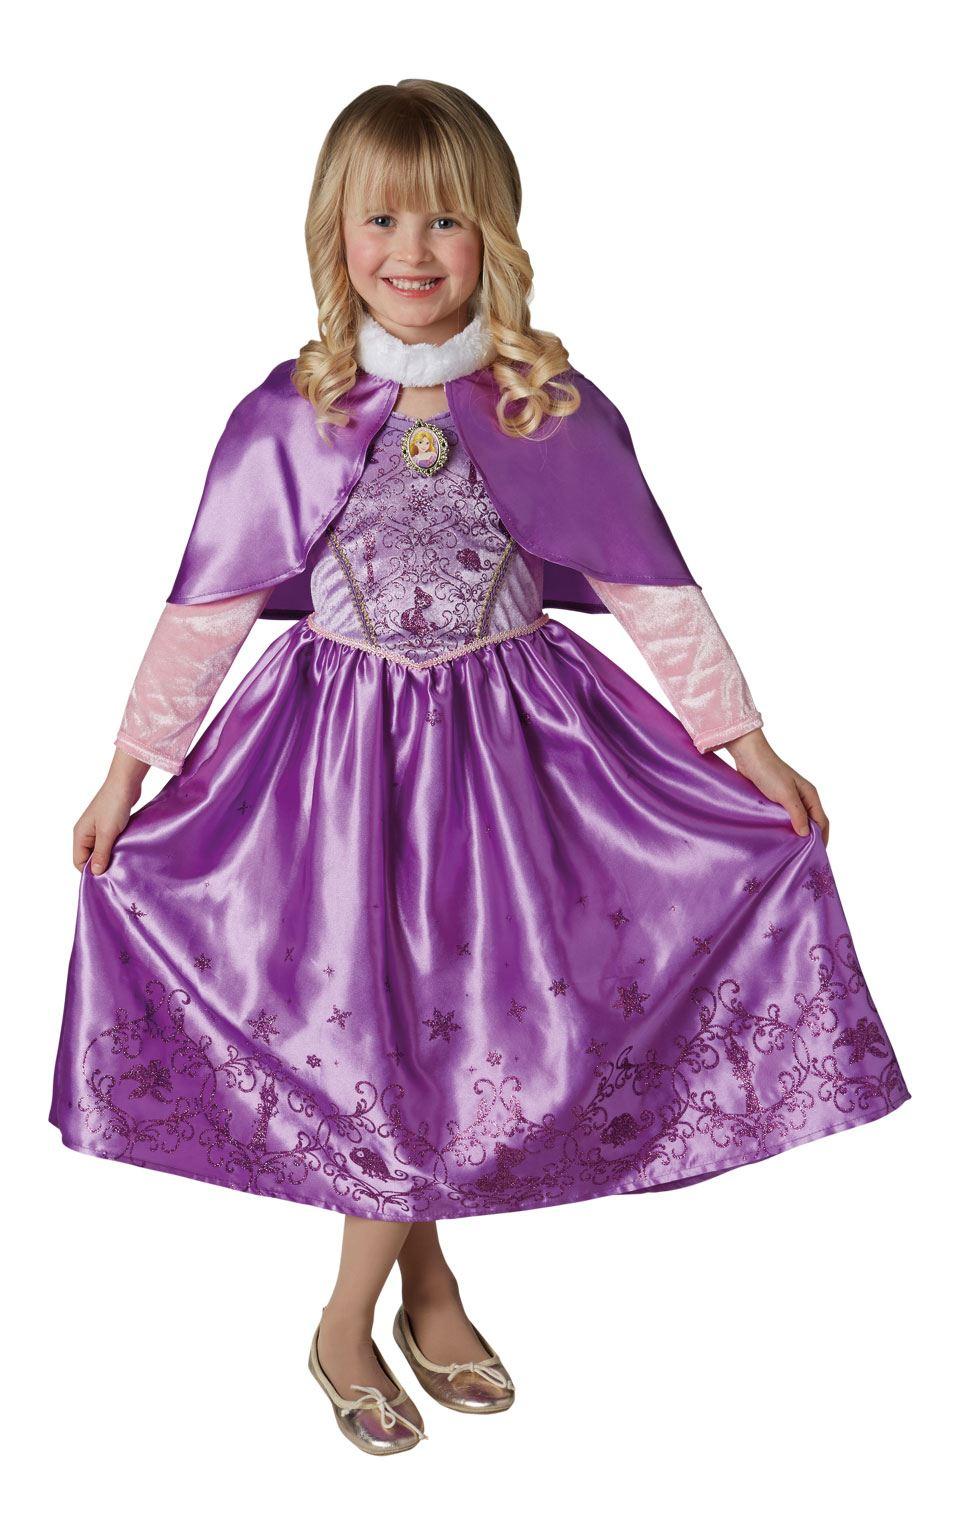 Invierno Niña Rapunzel Disfraz Princesa Disney disfraz | eBay